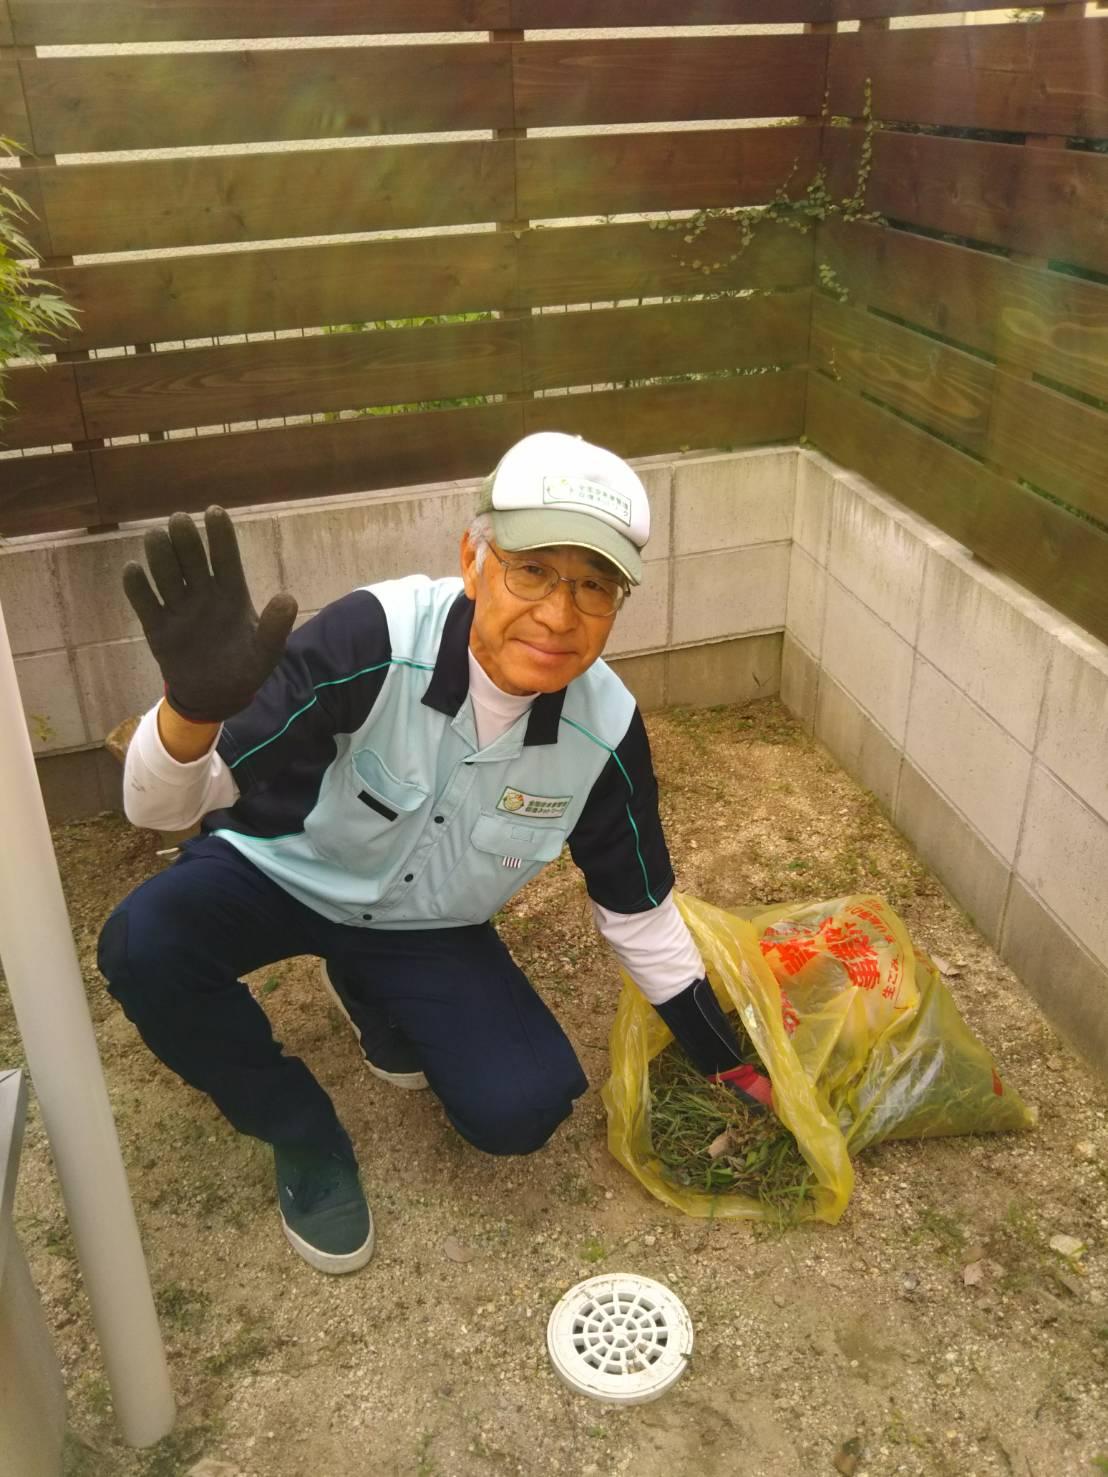 2017.9.14 千種区 草取り 森さん住田さん